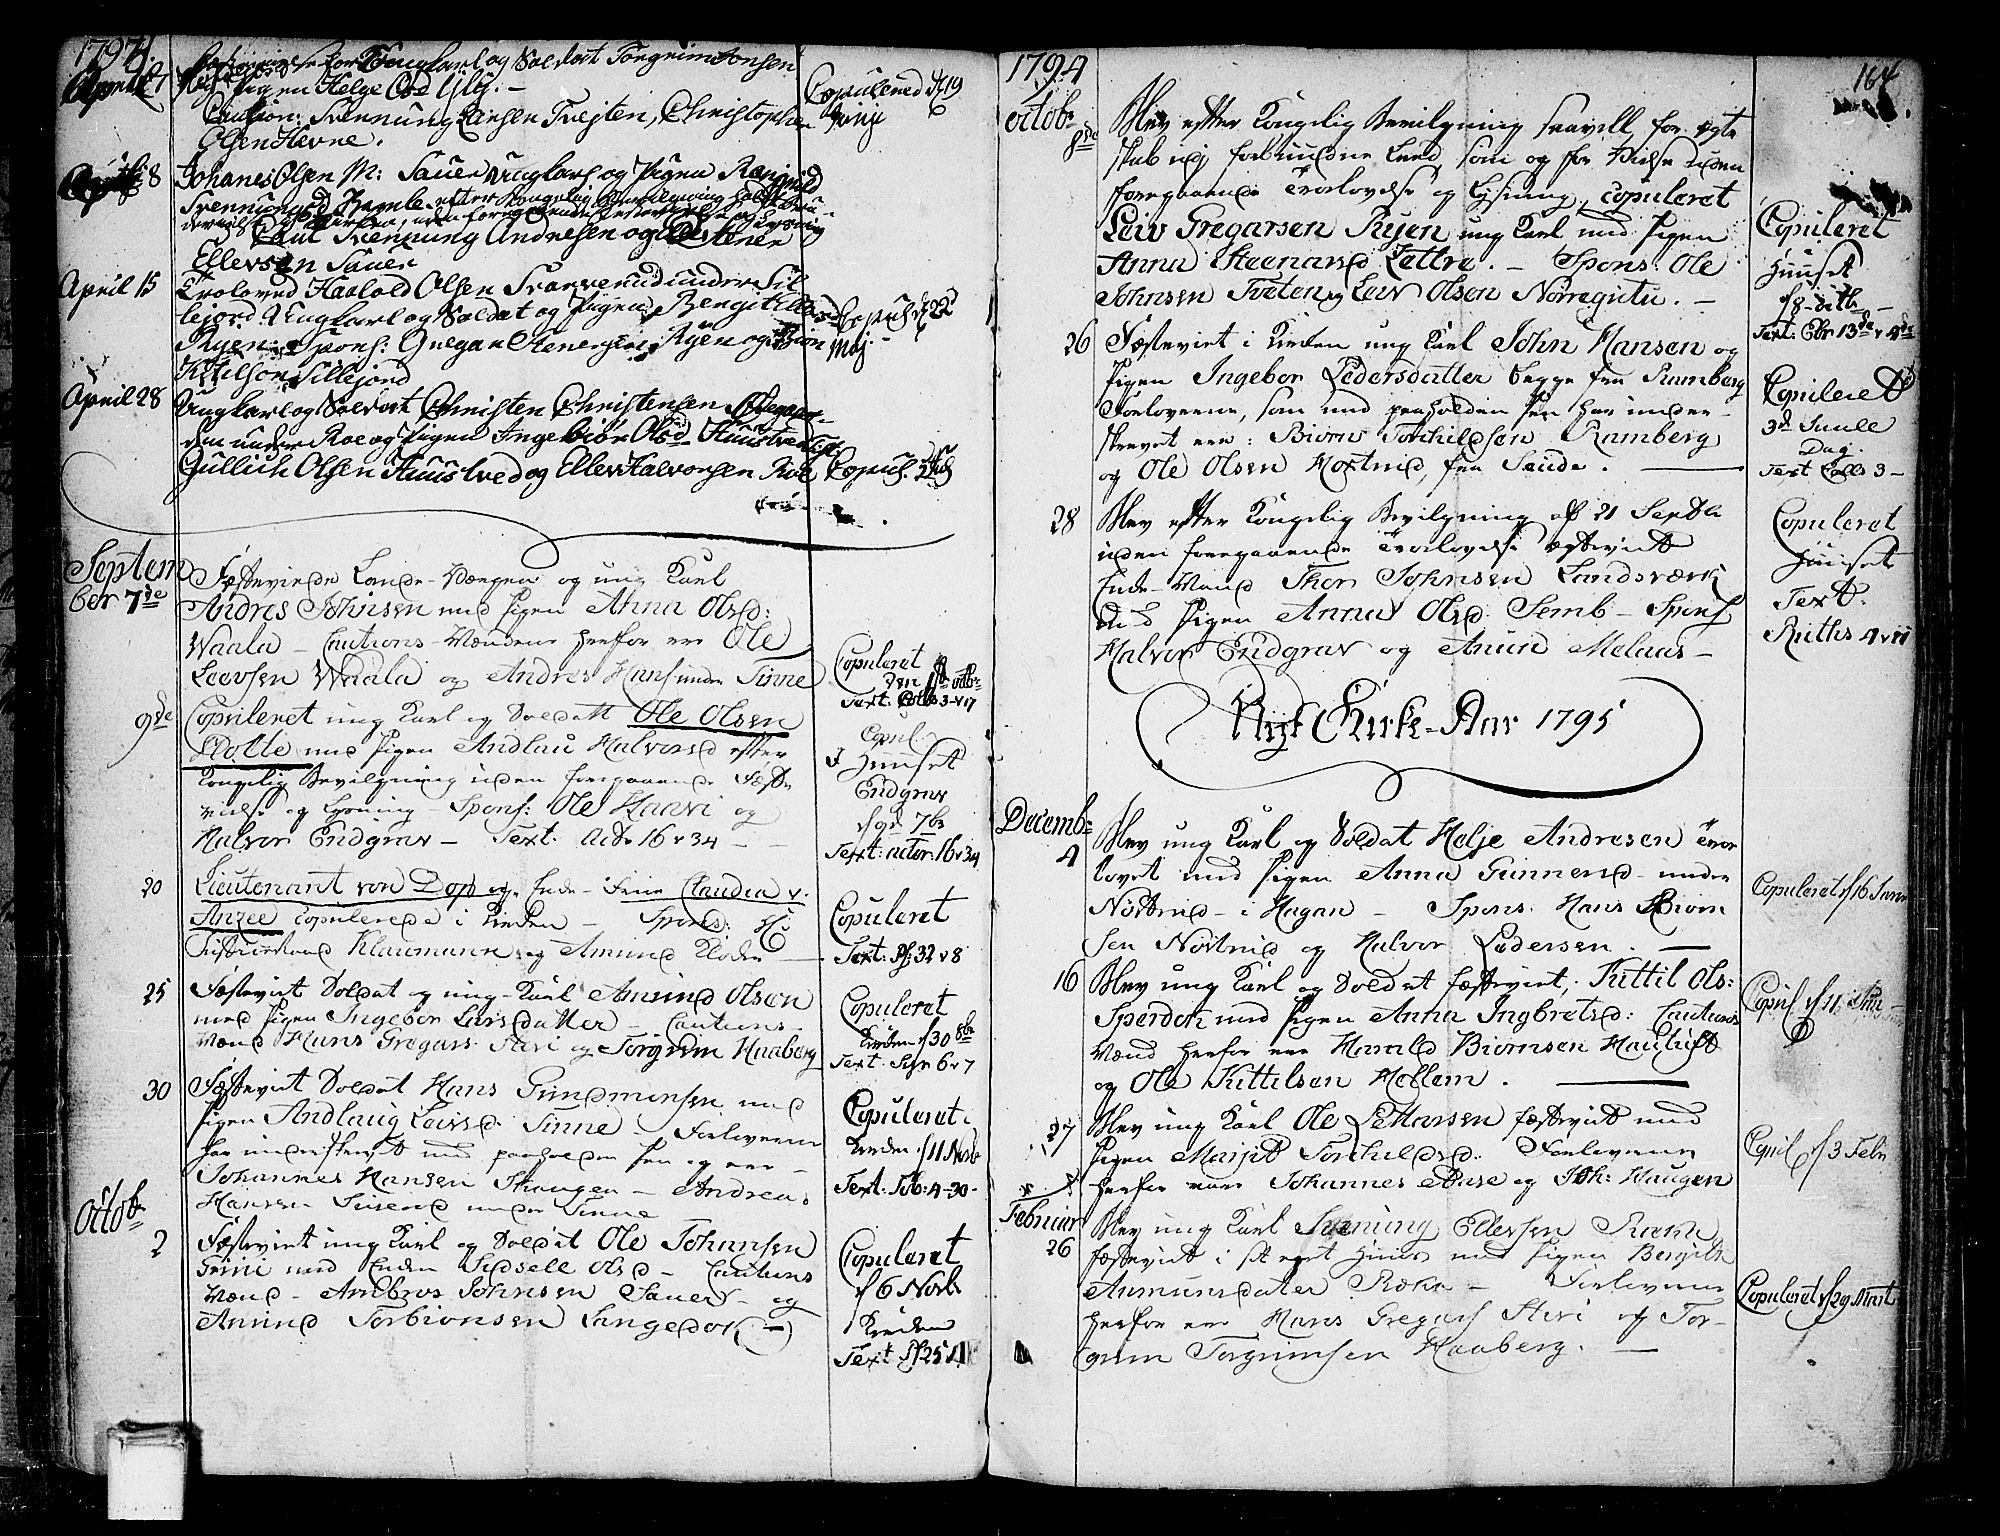 SAKO, Heddal kirkebøker, F/Fa/L0004: Ministerialbok nr. I 4, 1784-1814, s. 164